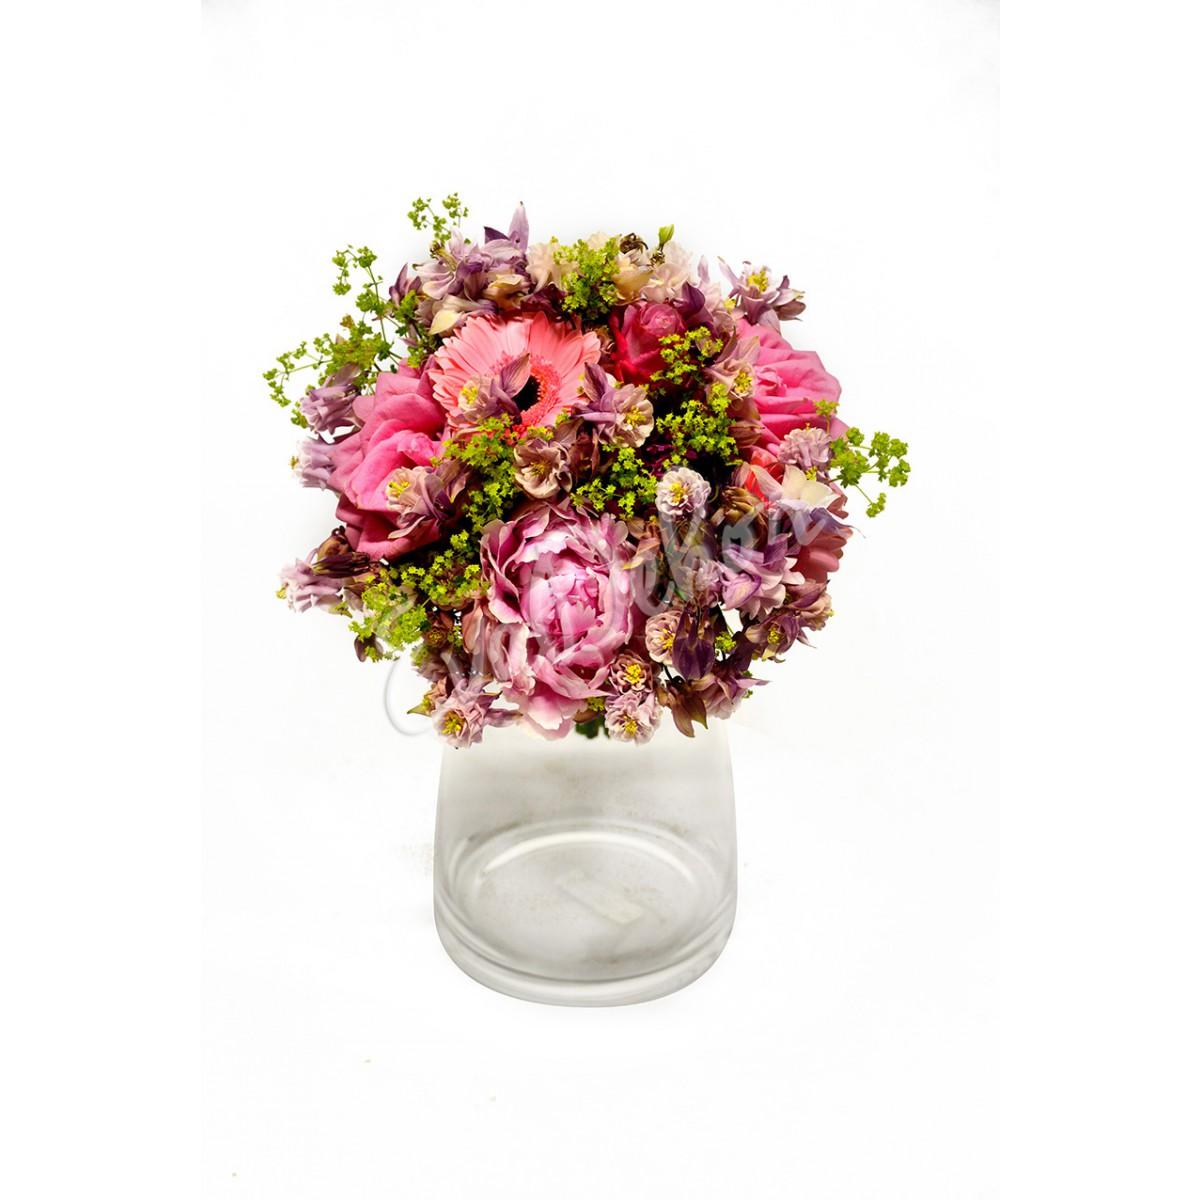 Svatební kytice Růžová princezna - EvaDekor rovoz květin po Praze